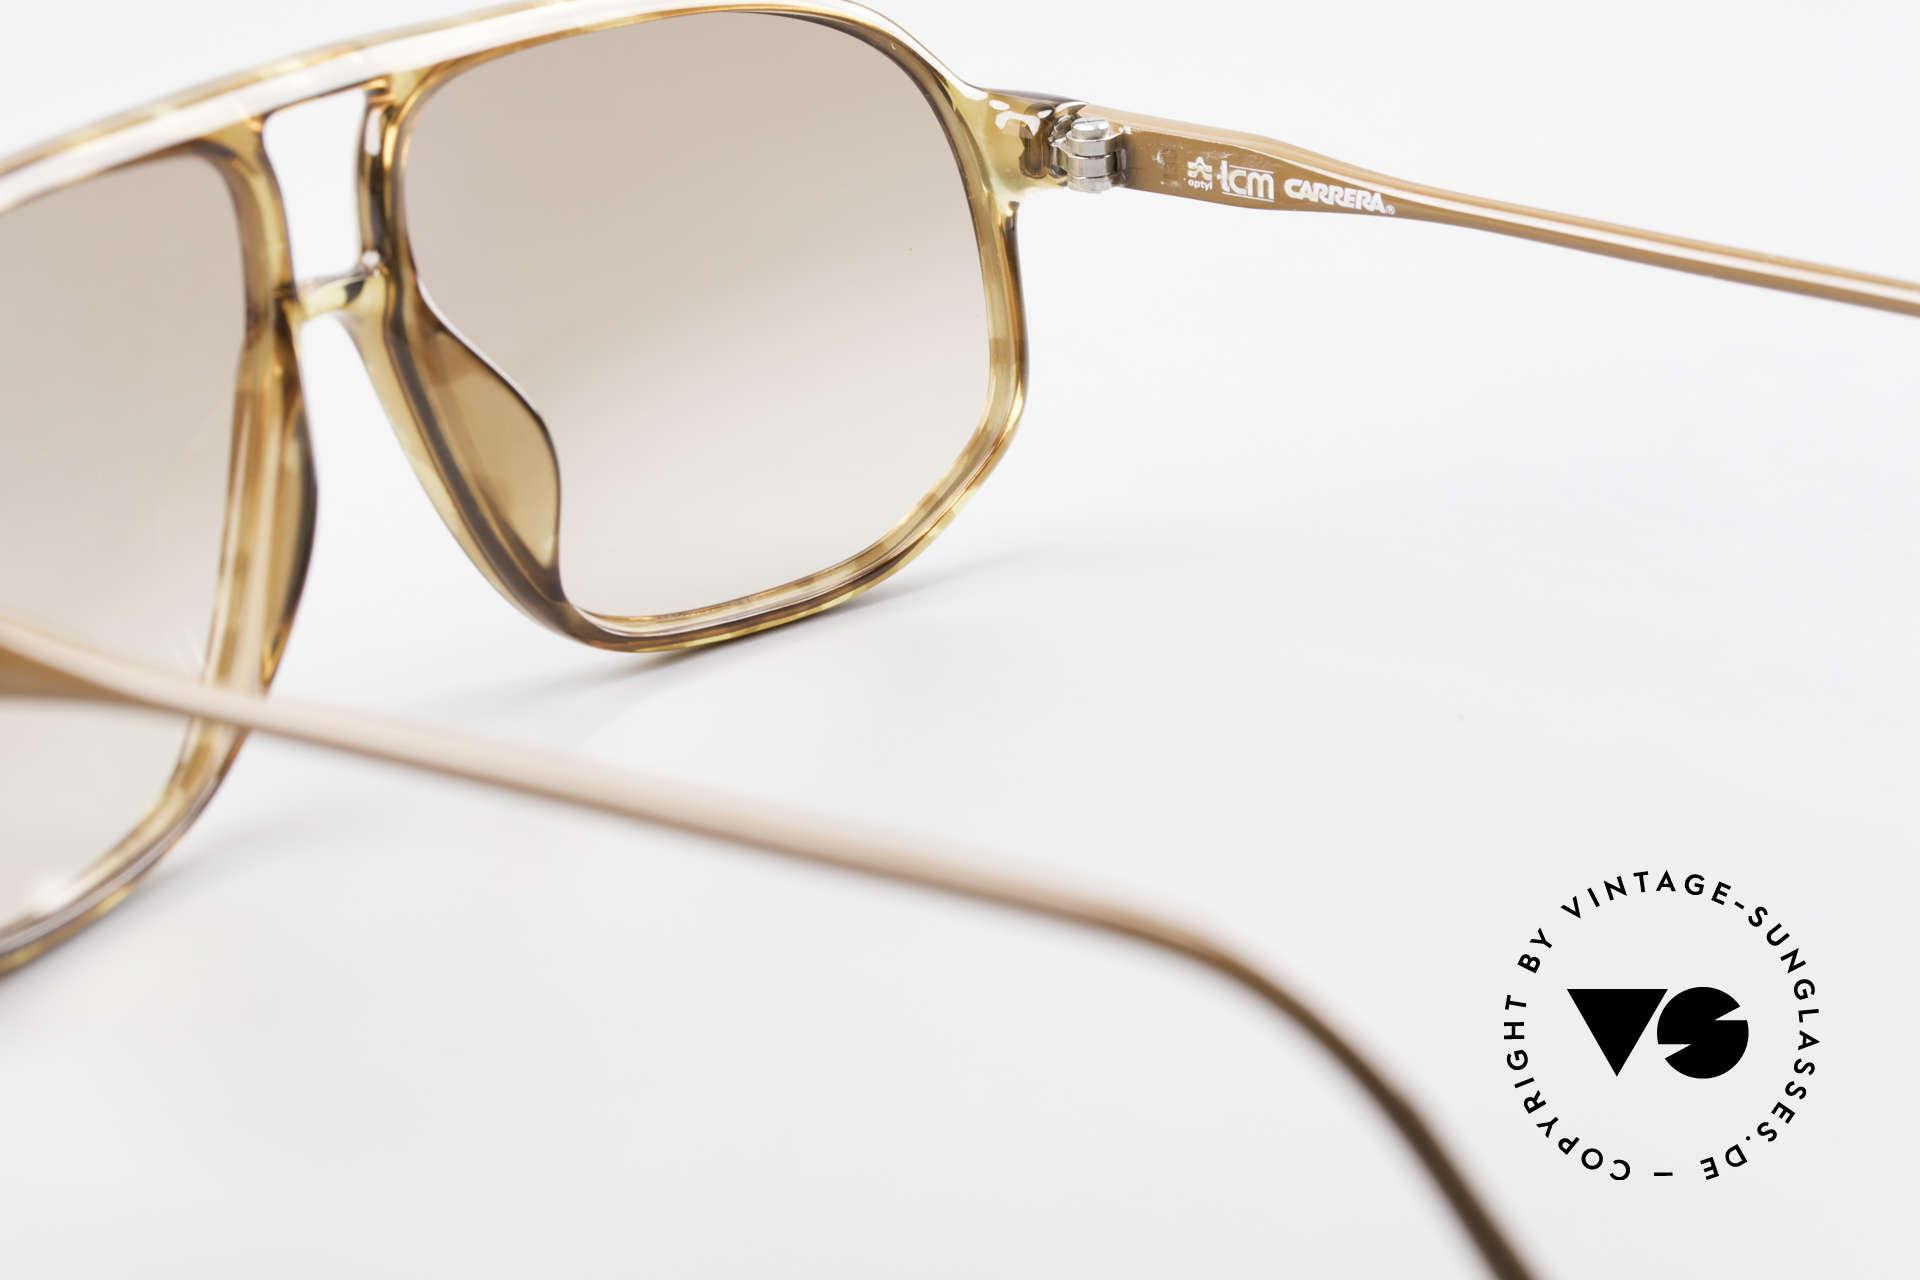 e43c65e08ab7b Sunglasses Carrera 5325 Carrera 80 s Sunglasses Optyl